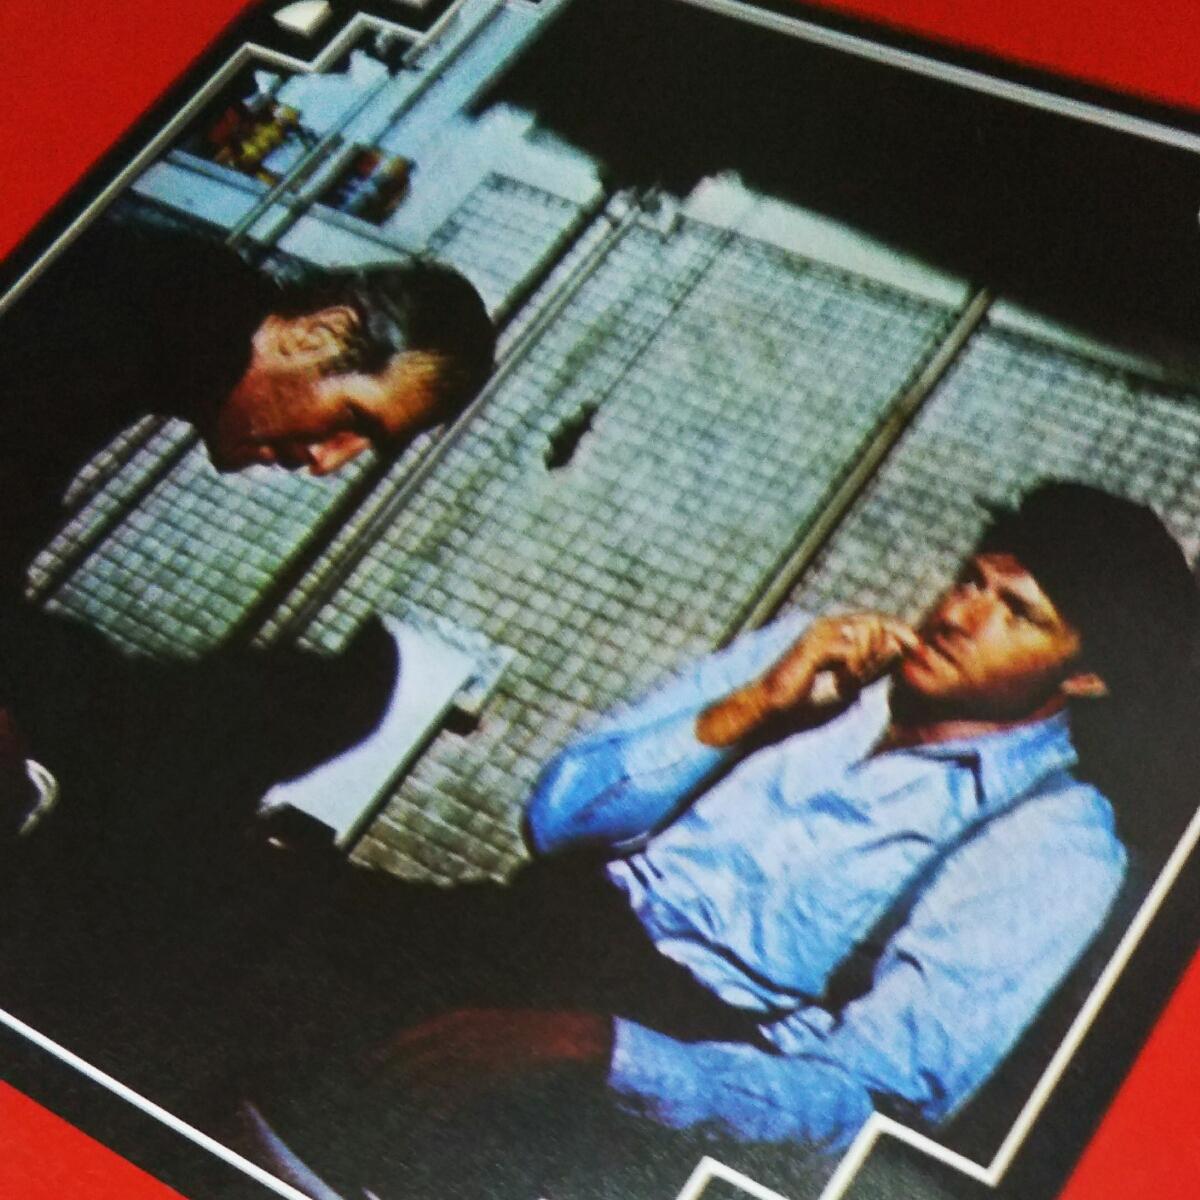 スティング…劇場用 映画パンフレット…1973年公開作品…ロバートレッドフォード ポールニューマン ロバートショー…美品_画像9